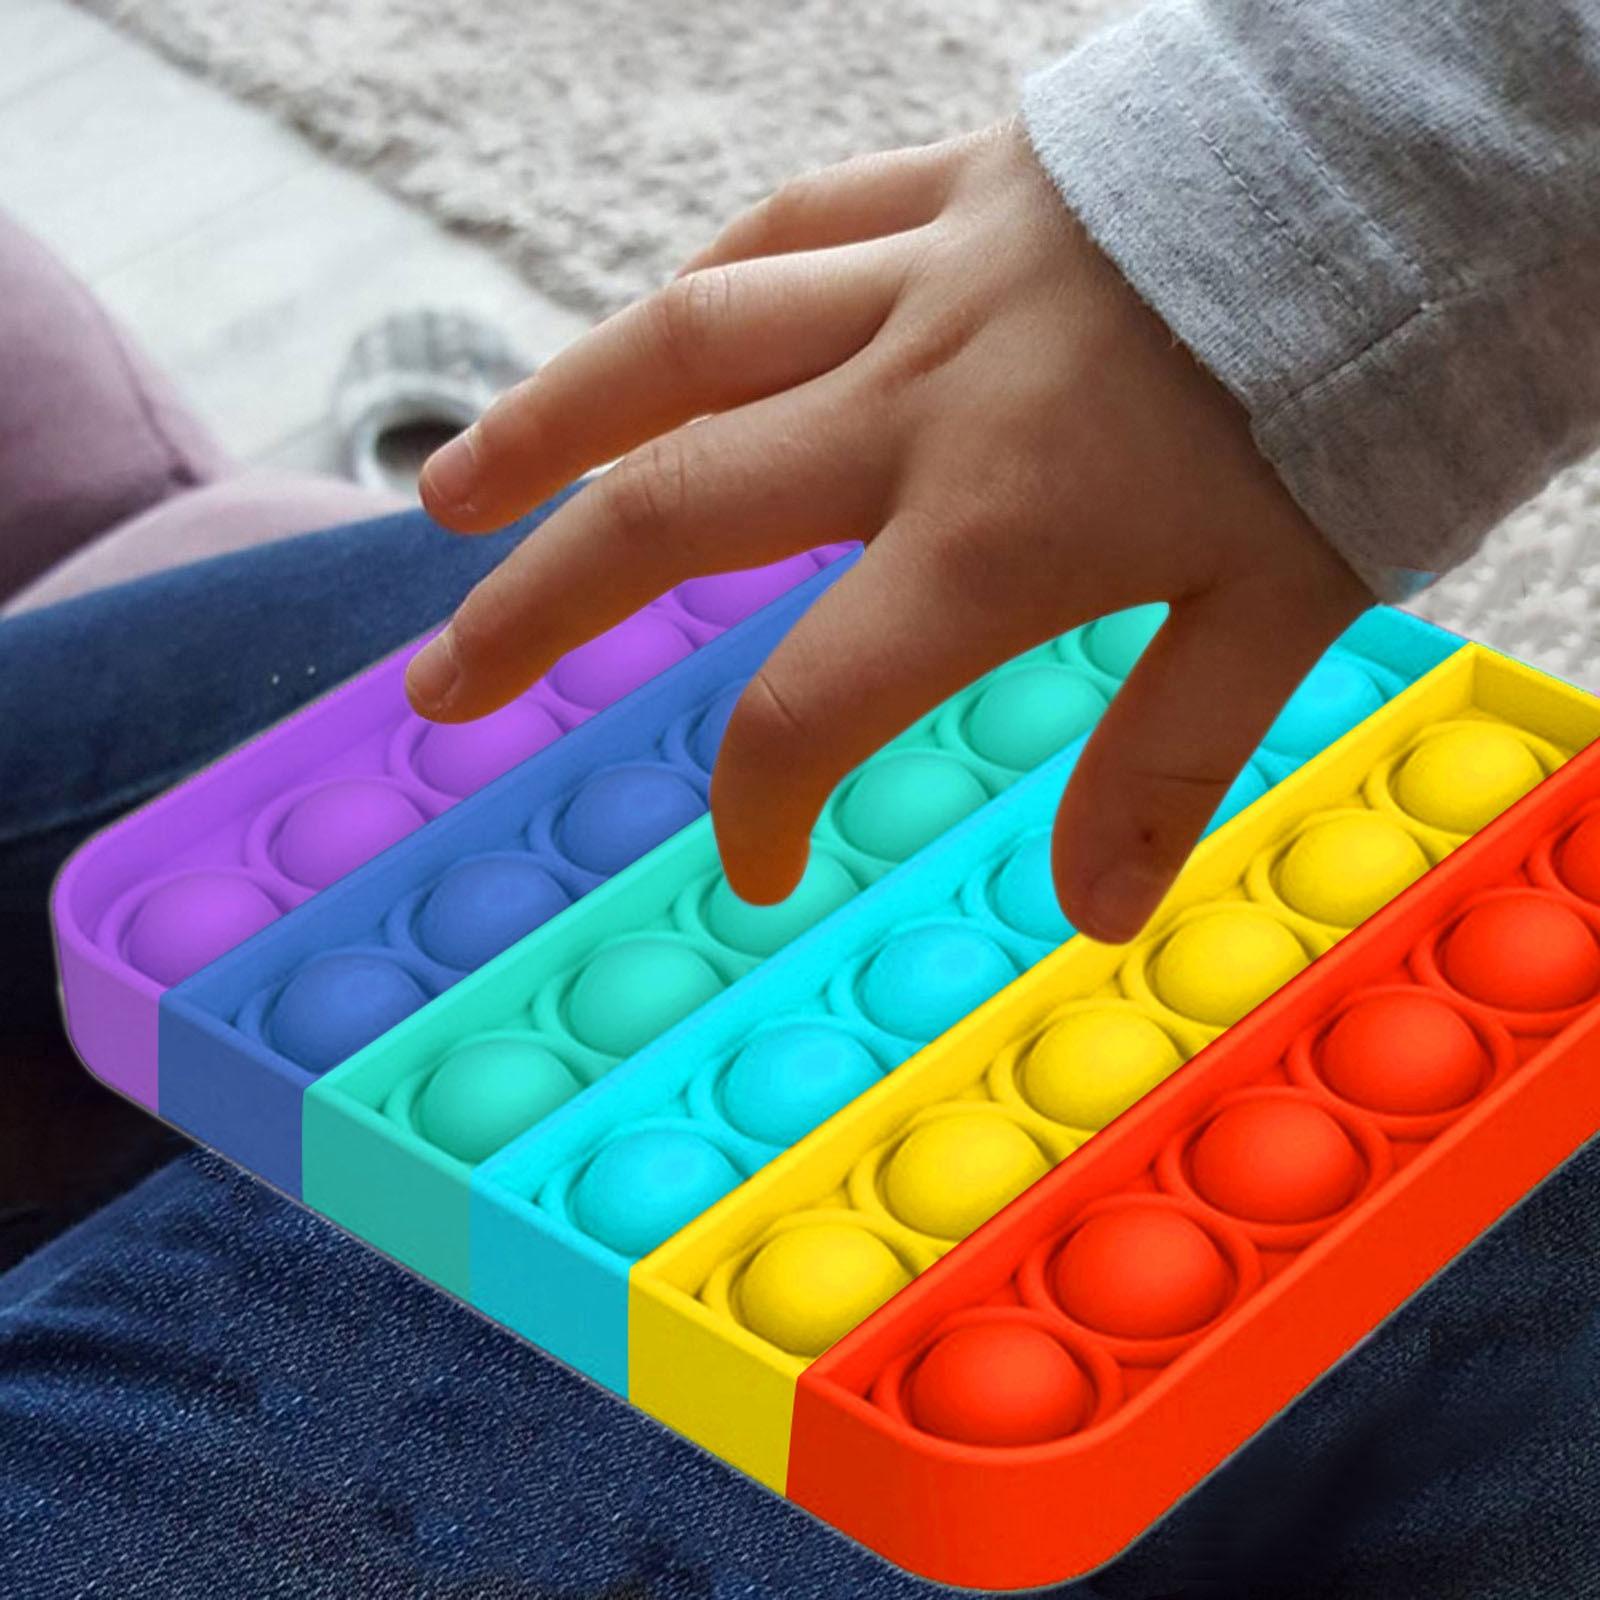 Blase Pops Fitget Spielzeug Push Blase Zappeln Sensorischen Spielzeug Autismus Spezielle Bedürfnisse Stressabbau Popit Zappeln Spielzeug Einfache Grübchen